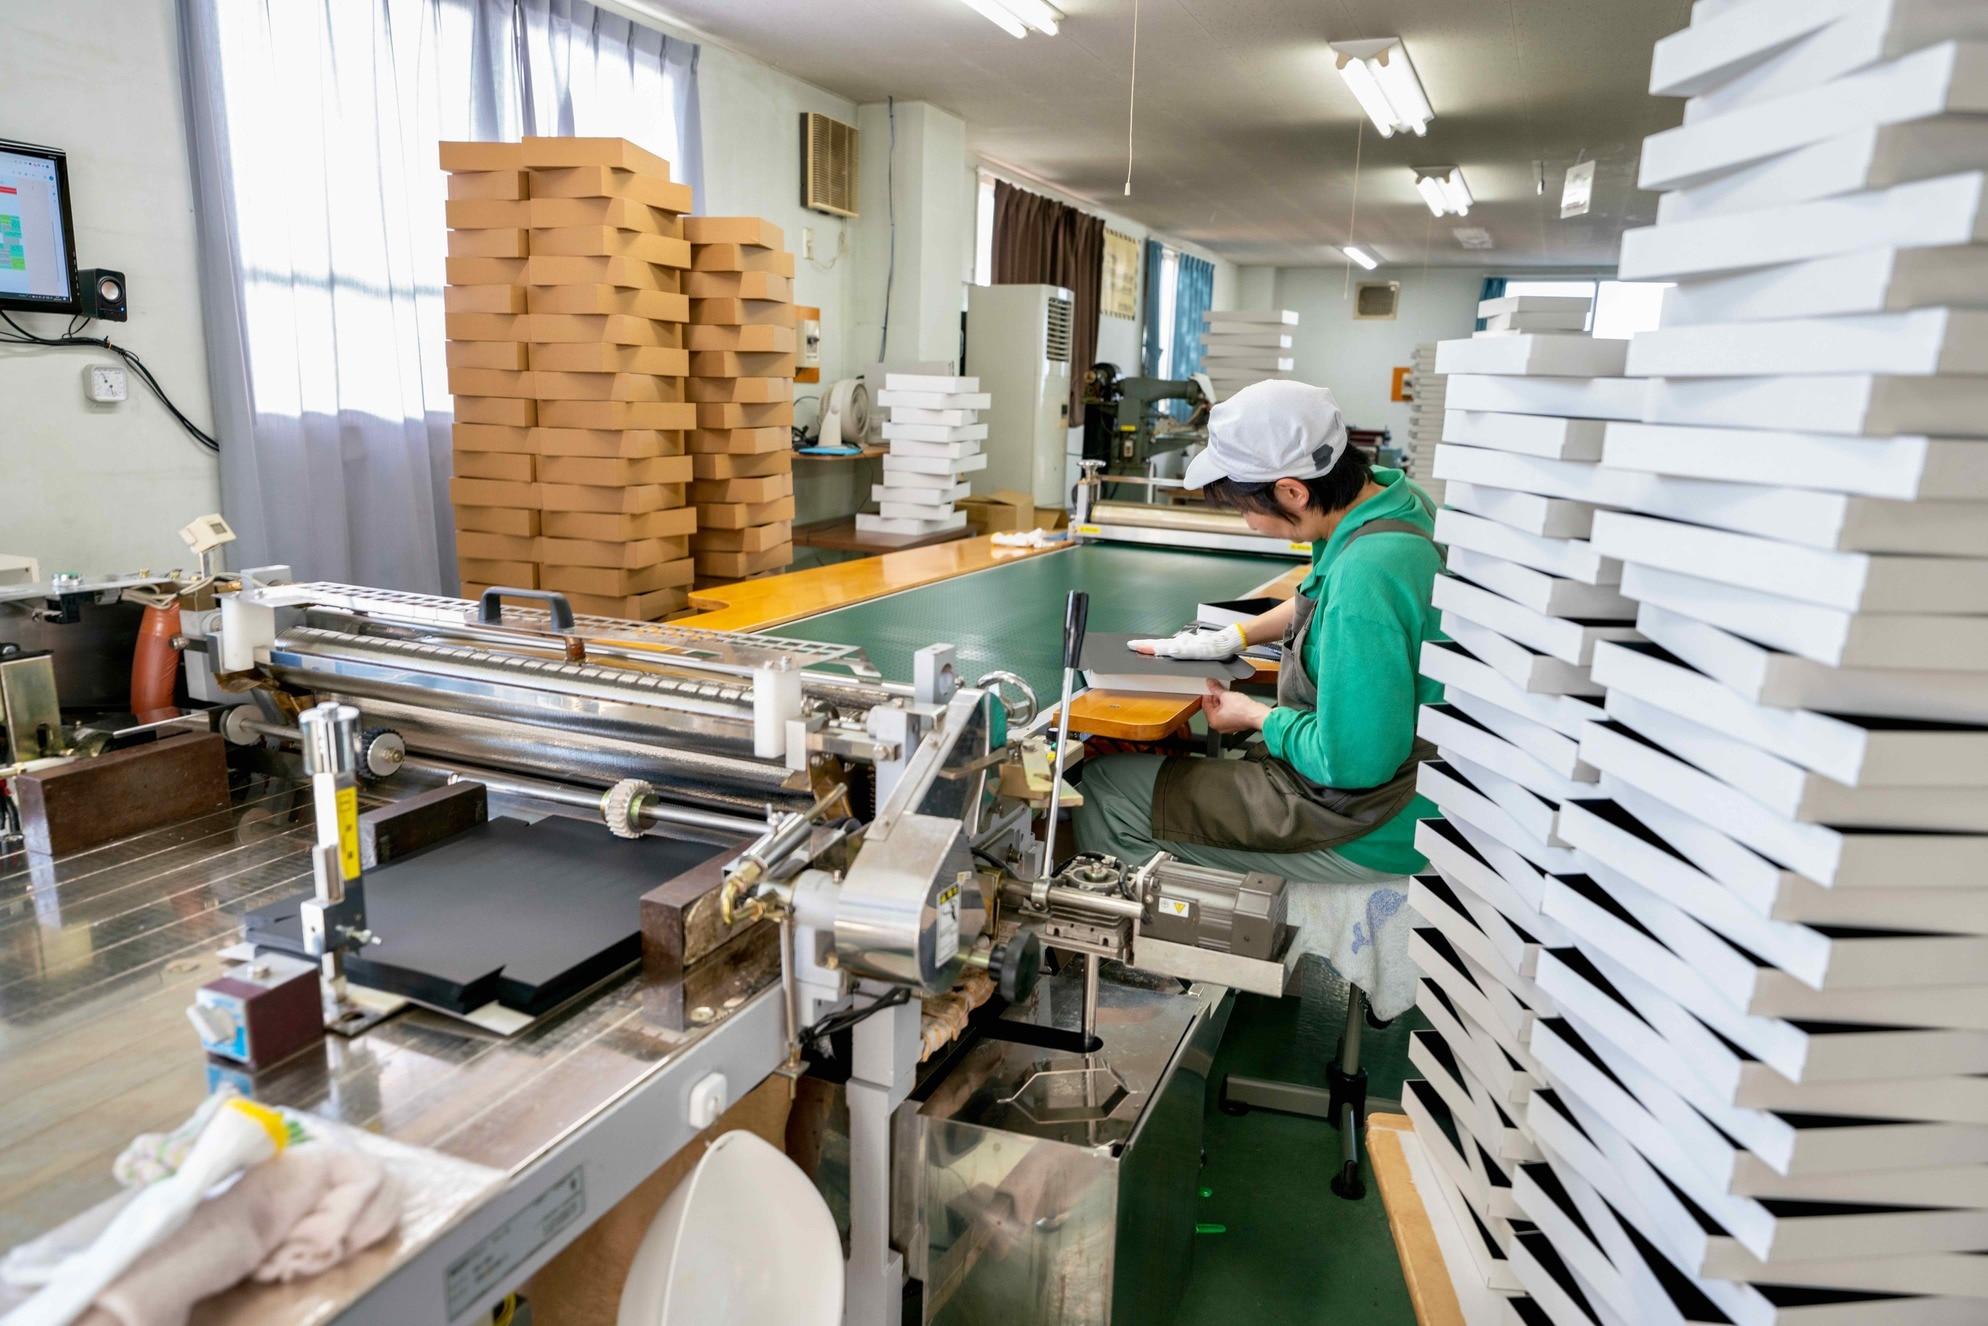 オリジナルパッケージを製造中のモリタ株式会社の工房風景,紙箱に囲まれて制作